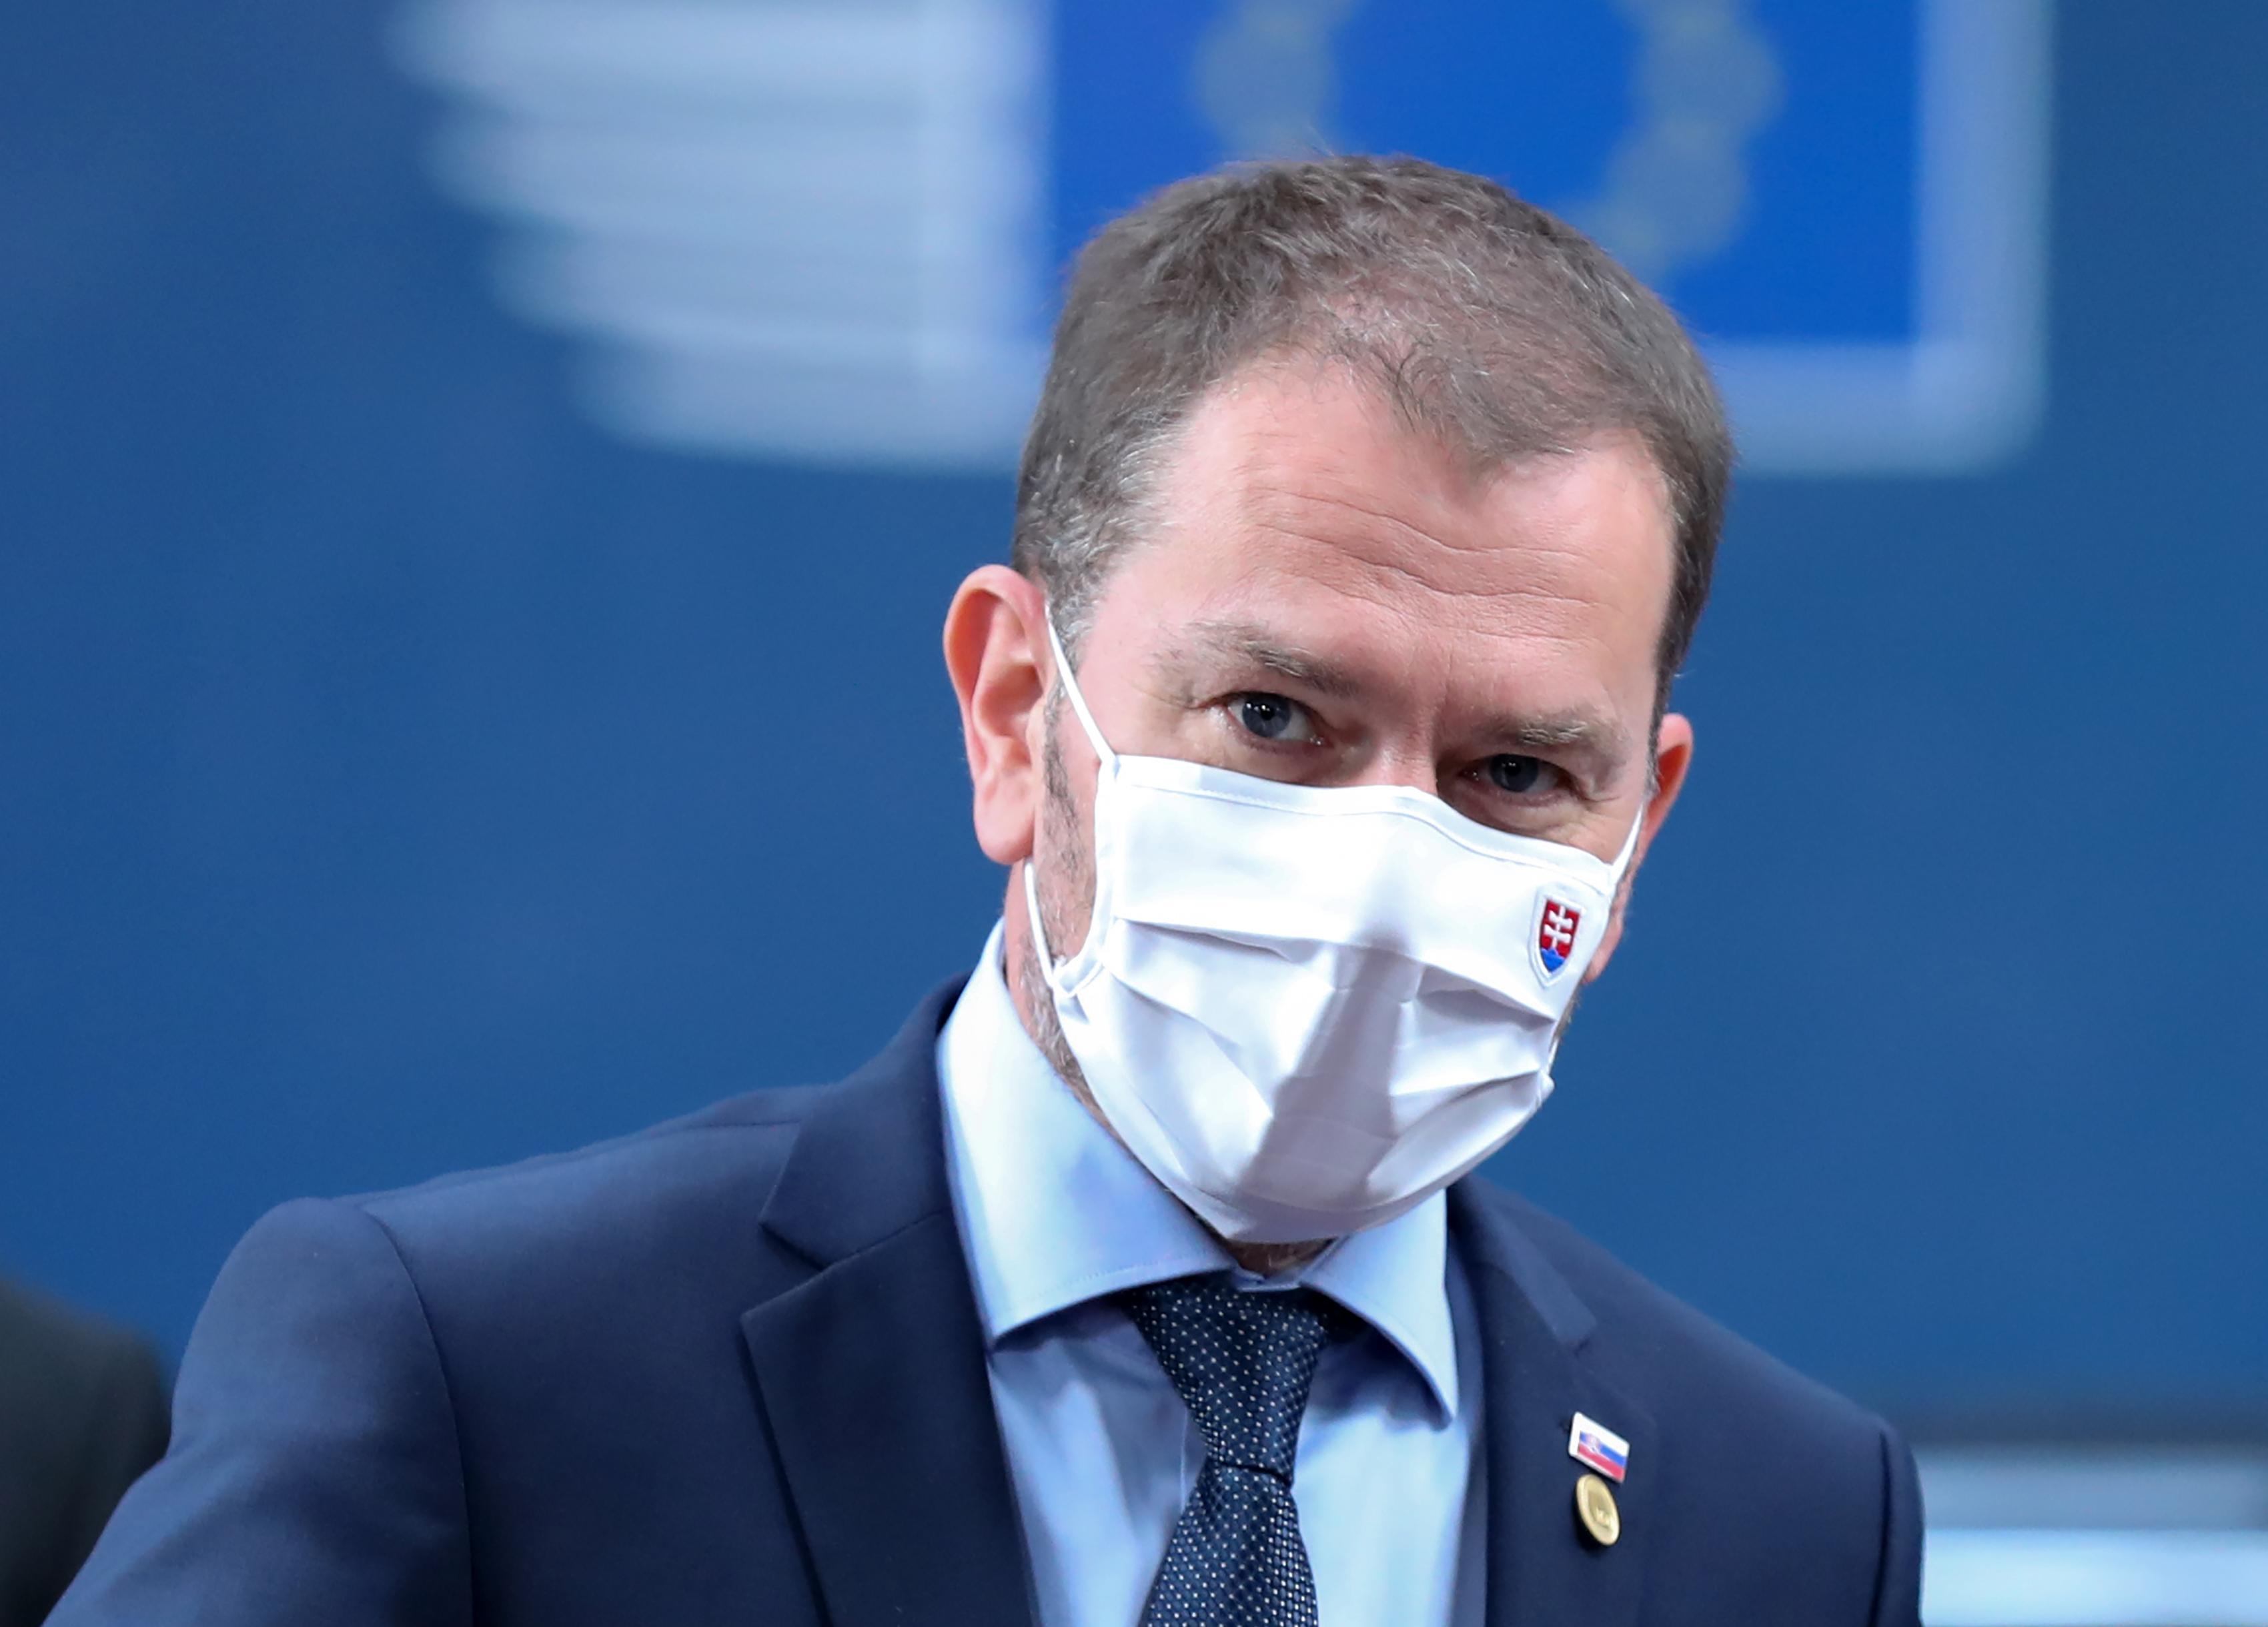 Lemondott Igor Matovic, Eduard Heger lehet az új szlovák kormányfő